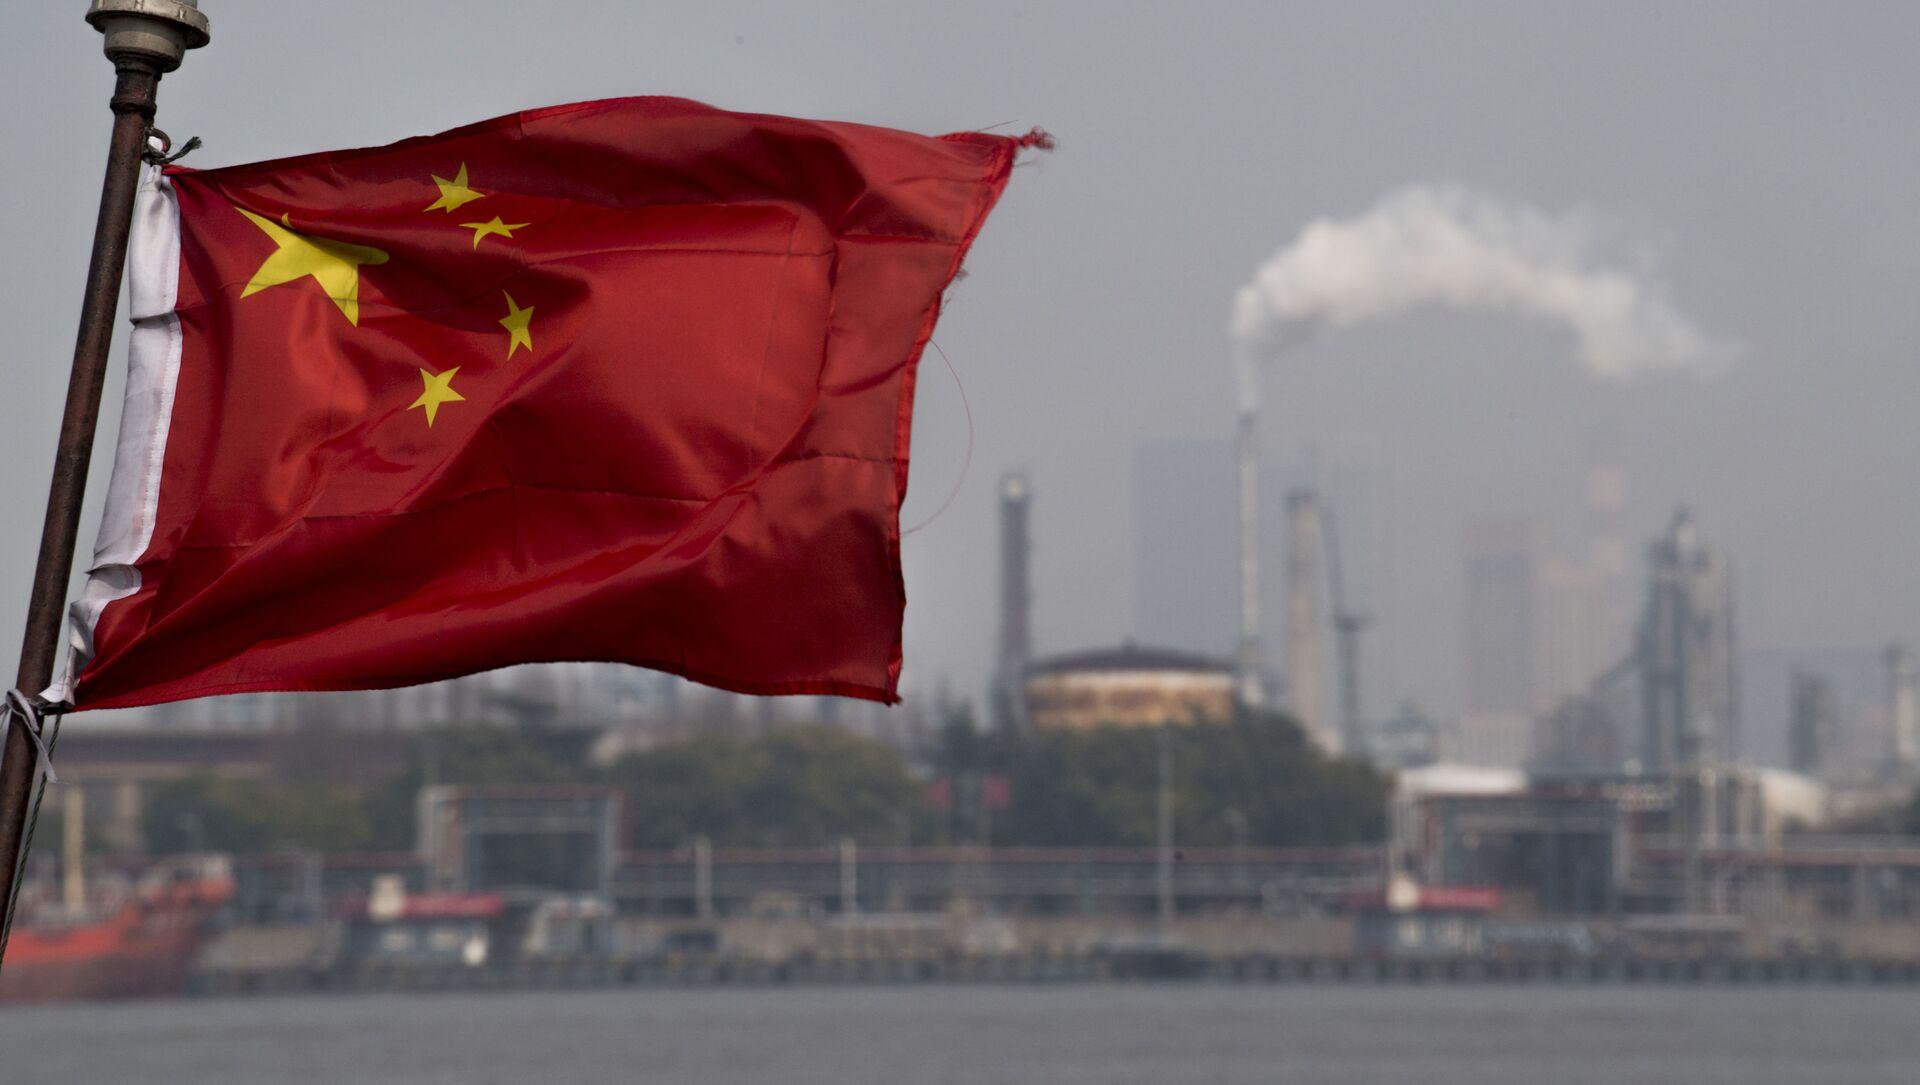 Unas intalaciones de refinería de petróleo en China - Sputnik Mundo, 1920, 09.12.2020